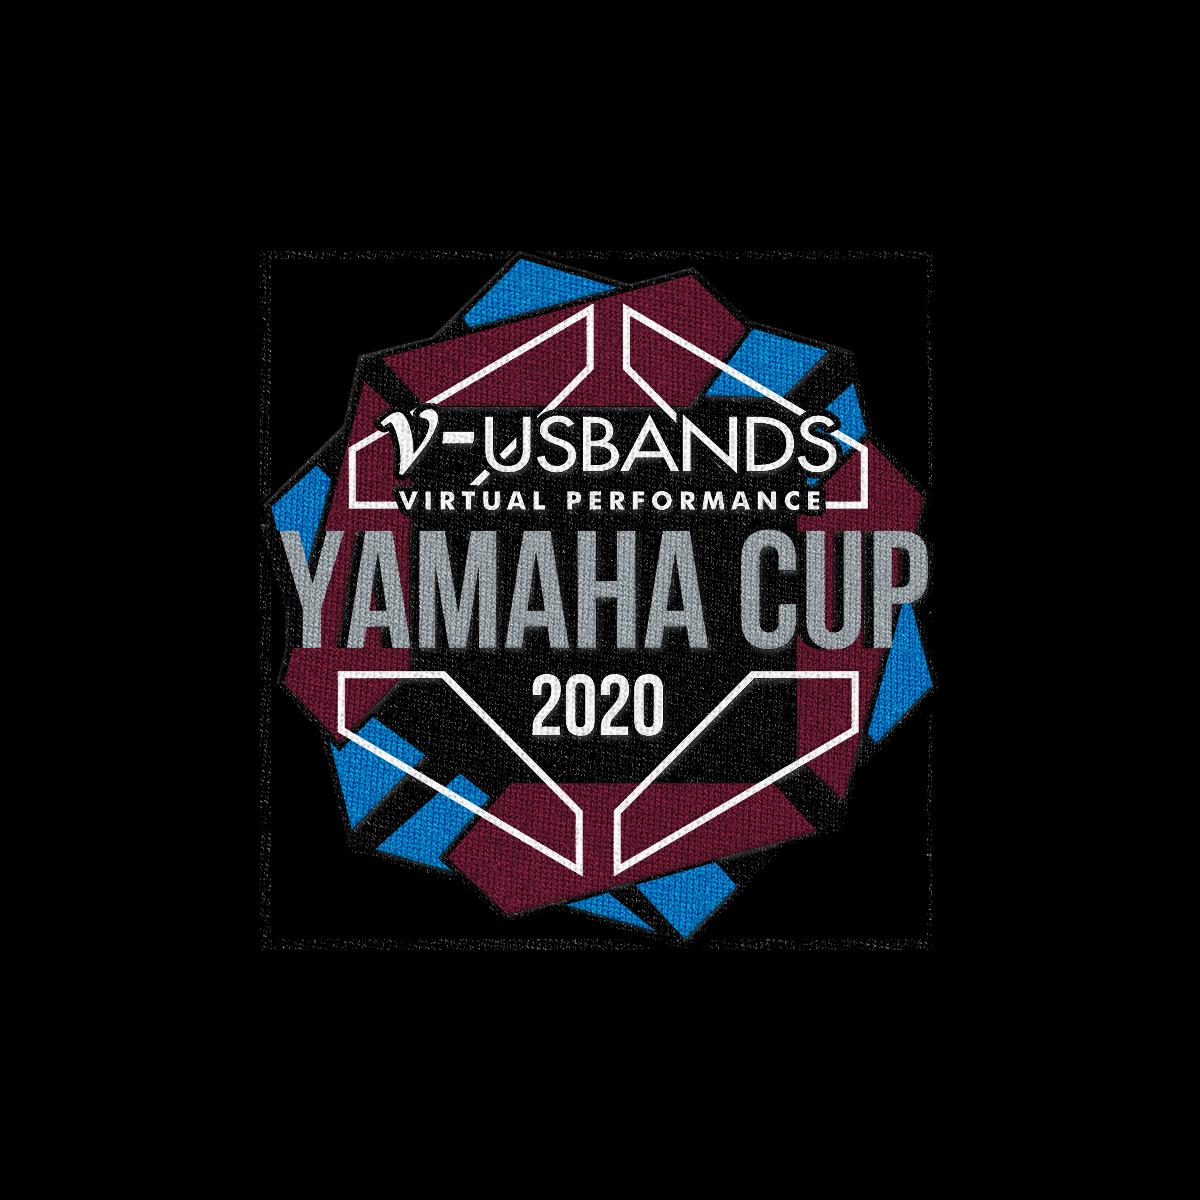 2020 V-USBands Yamaha Cup Patch